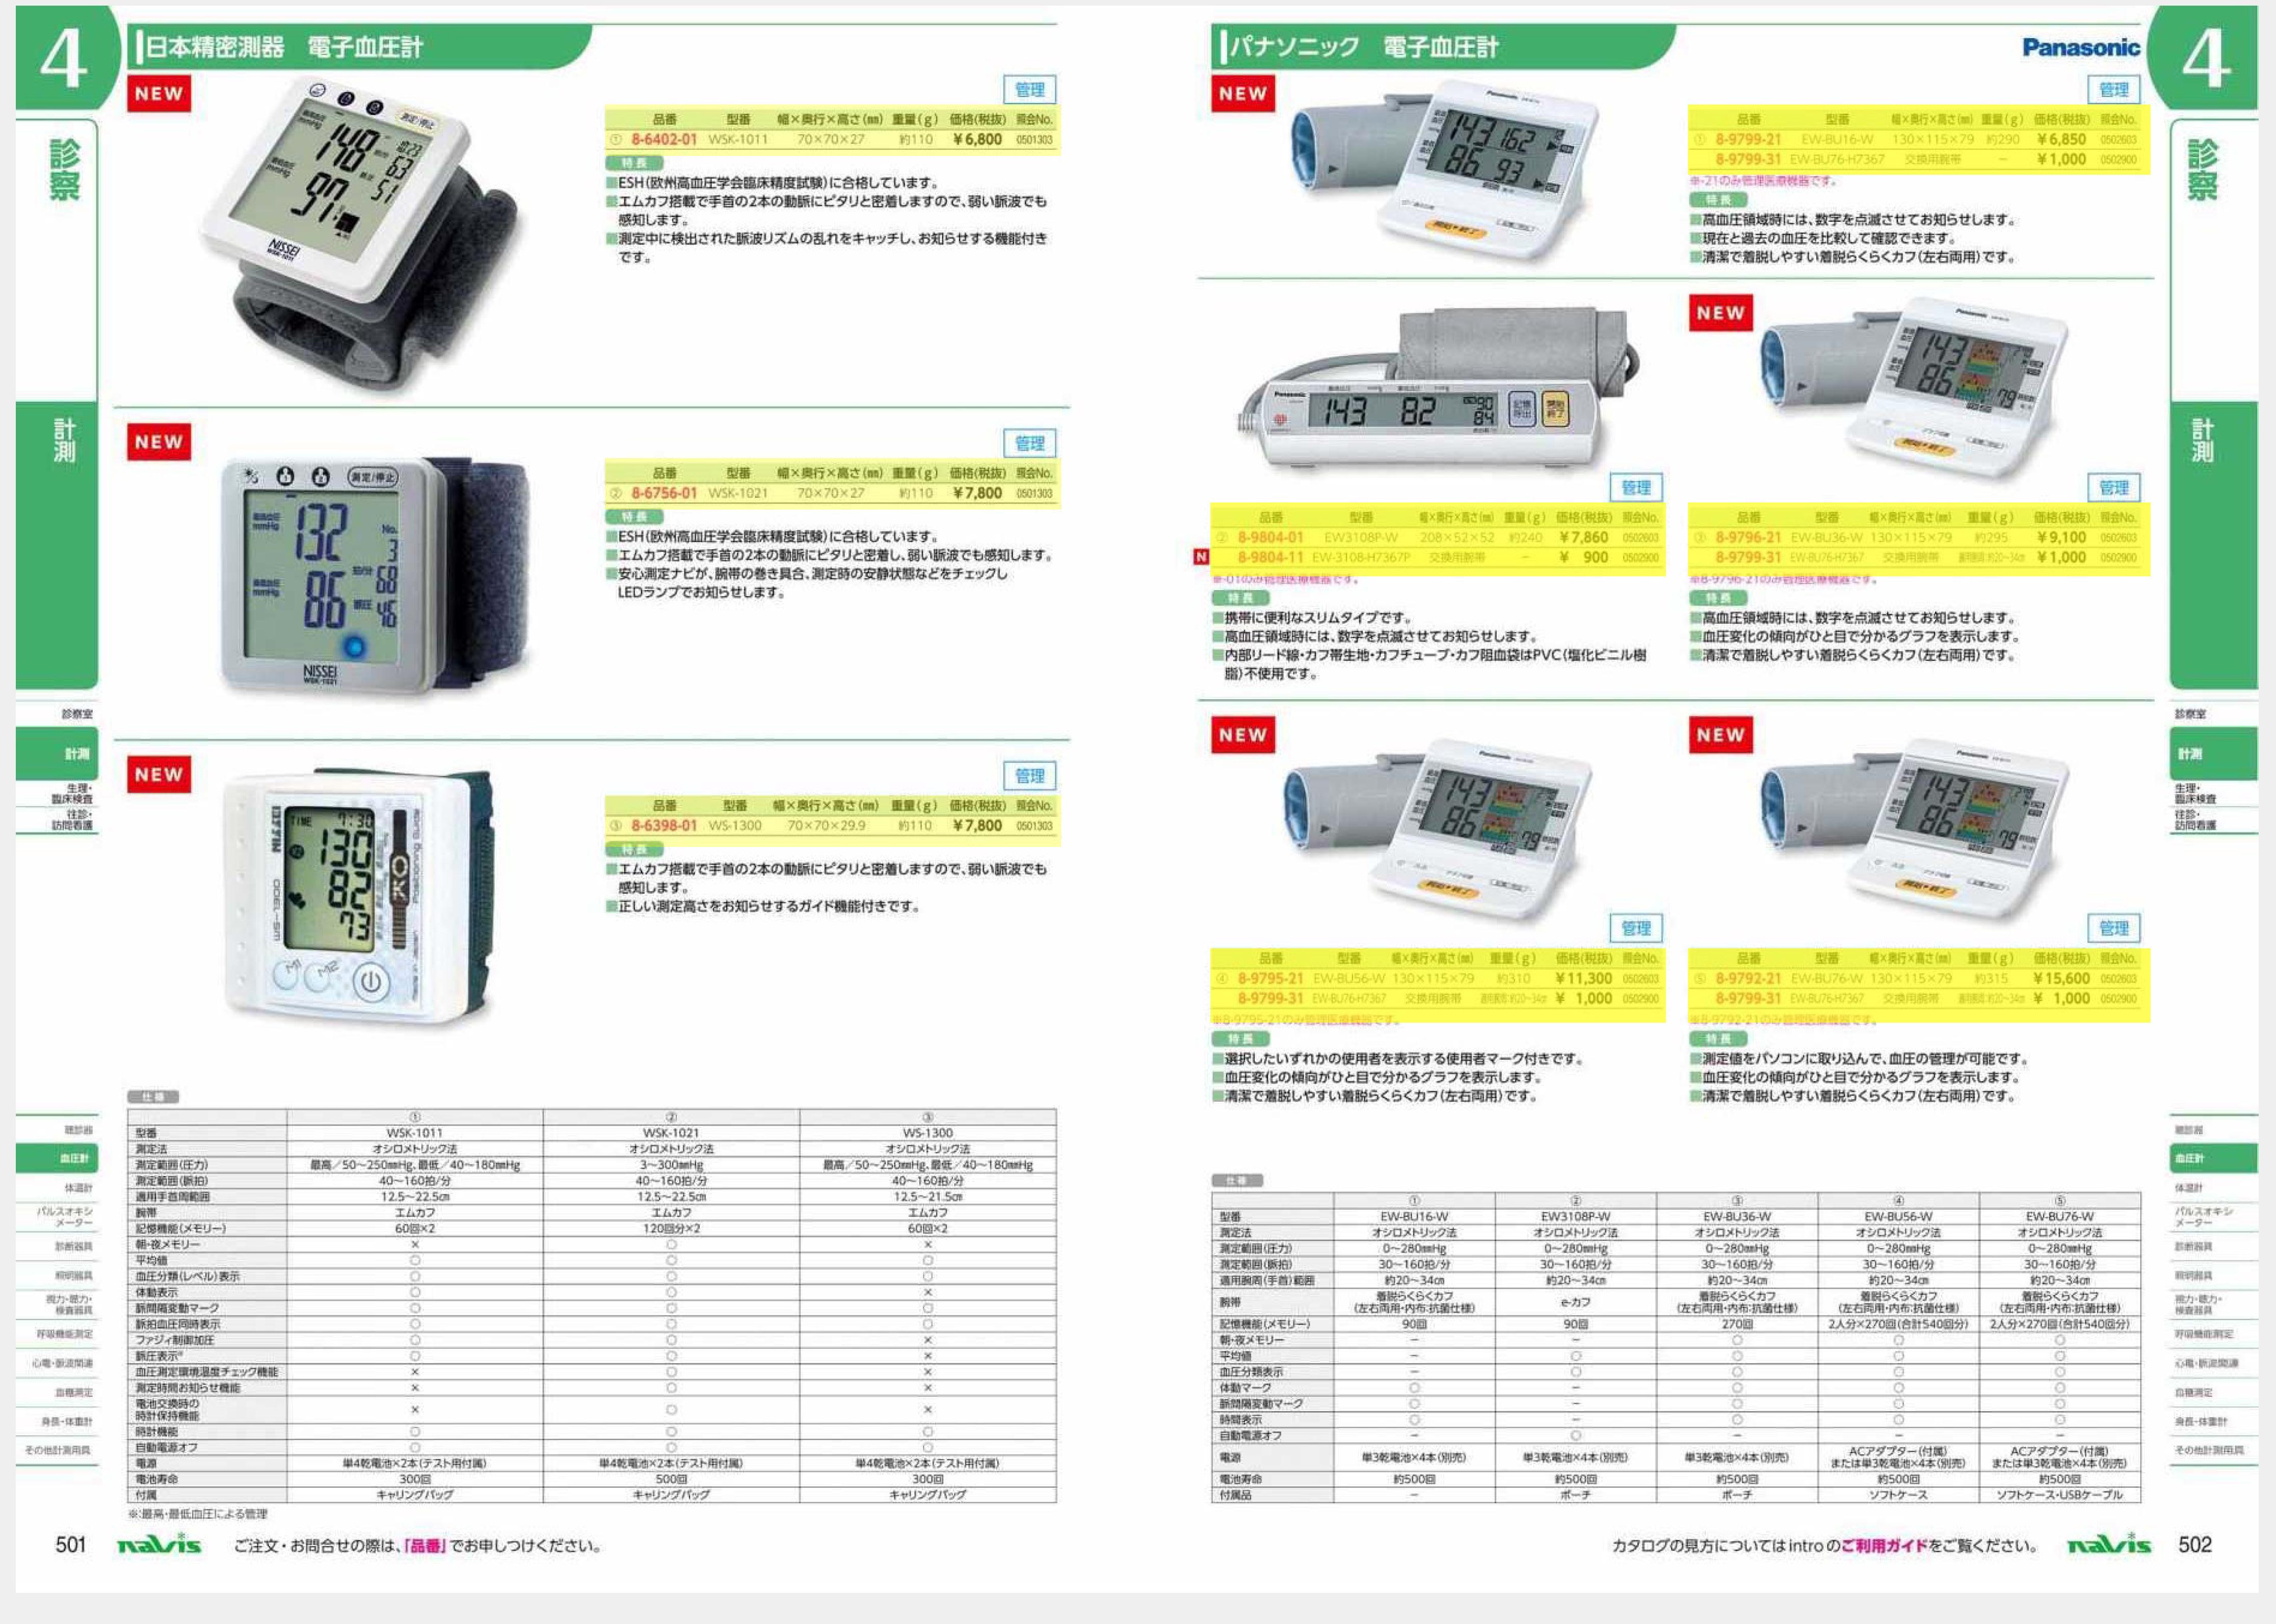 ナビス50000 8-9804-01 上腕血圧計 EW3108P−W スリムタイプ[個](as1-8-9804-01)